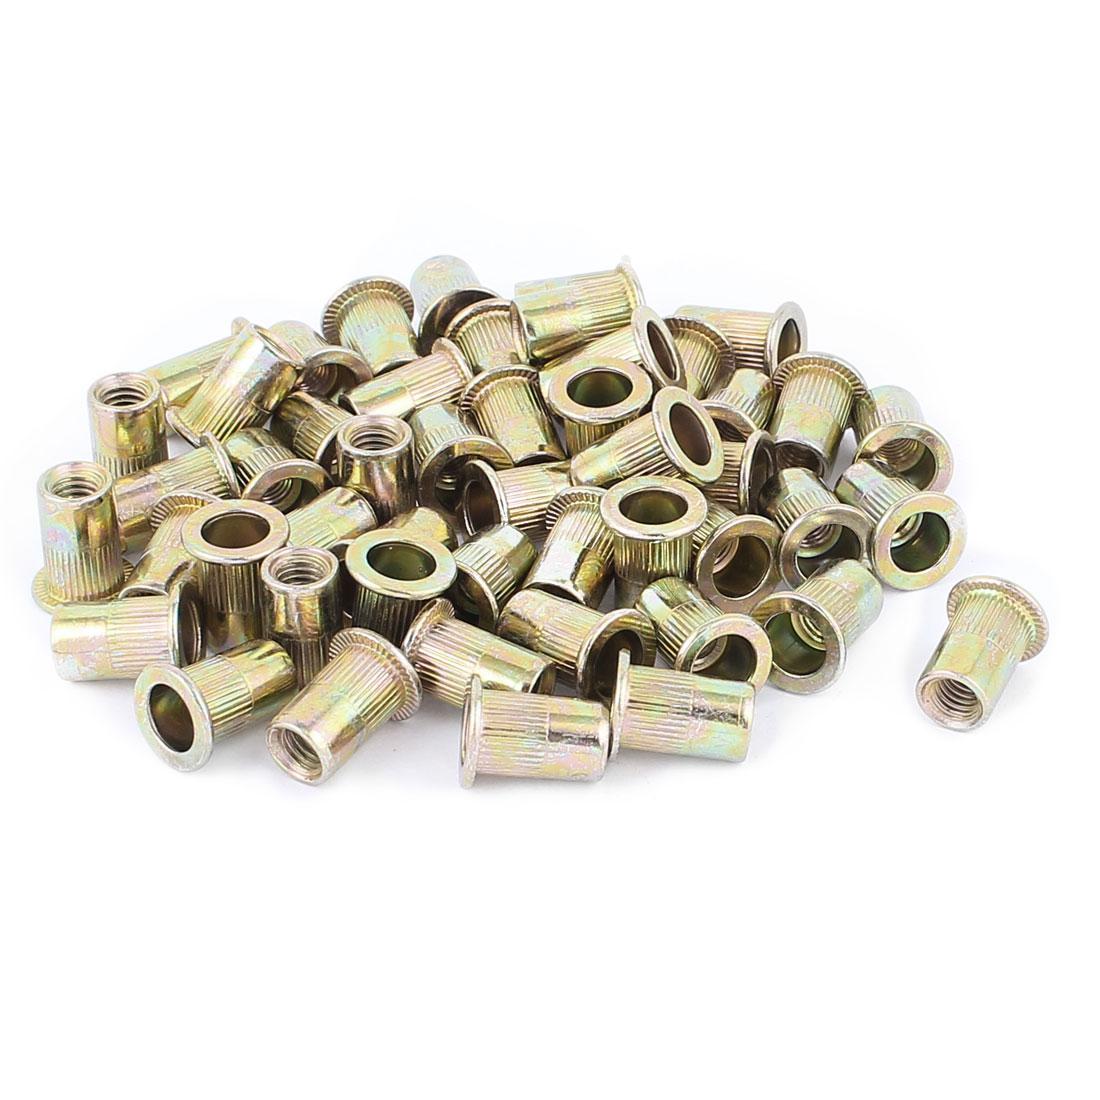 50 Pcs M6x15 Zinc Plated Carbon Steel Rivet Nut Insert Nutsert Fasteners